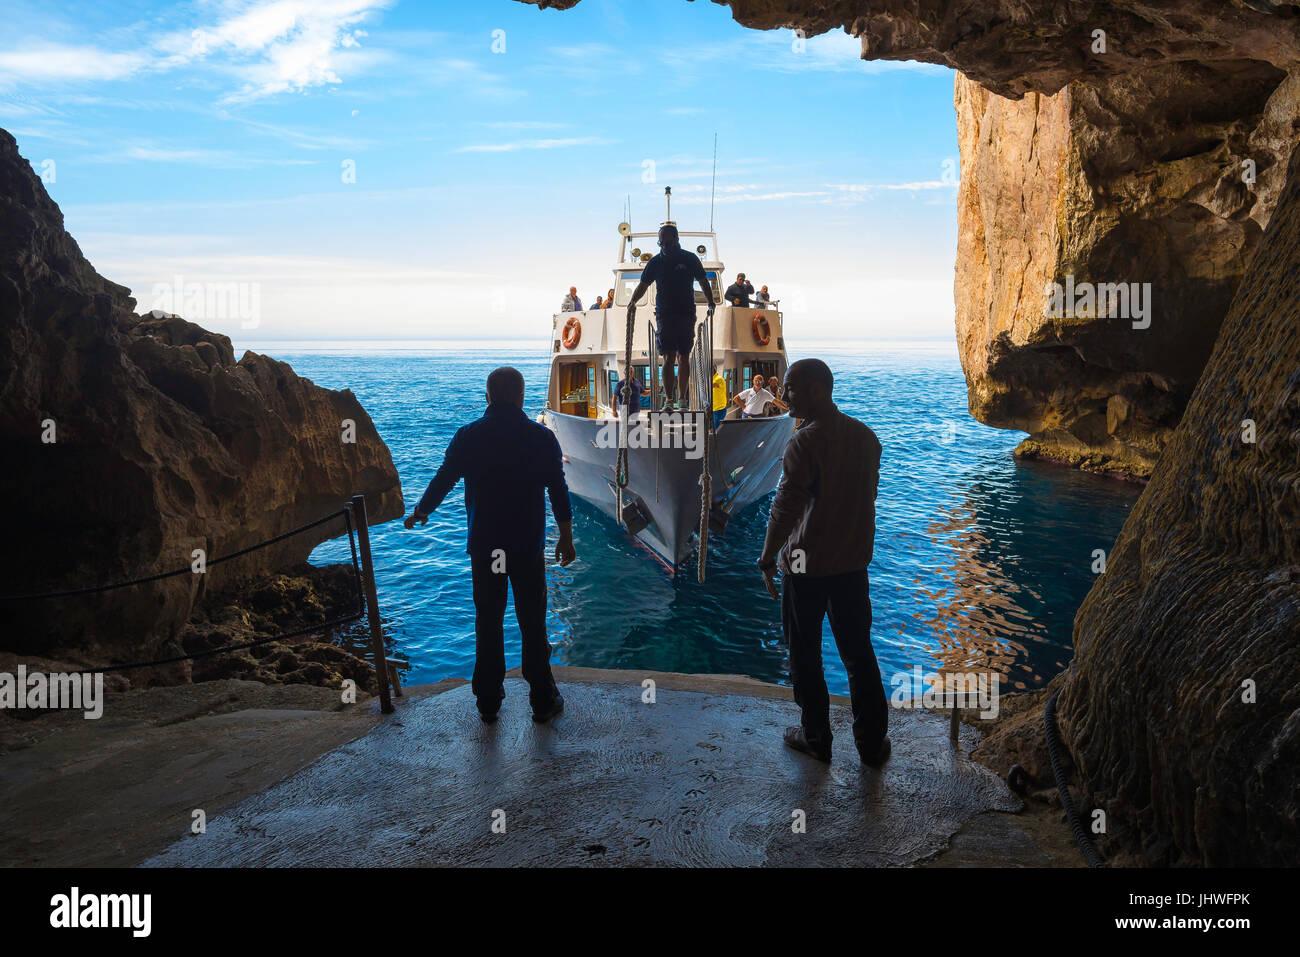 Sardinia coast tourism, two men prepare to dock a tour boat arriving at the Grotta di Nettuno at Capo Caccia near - Stock Image